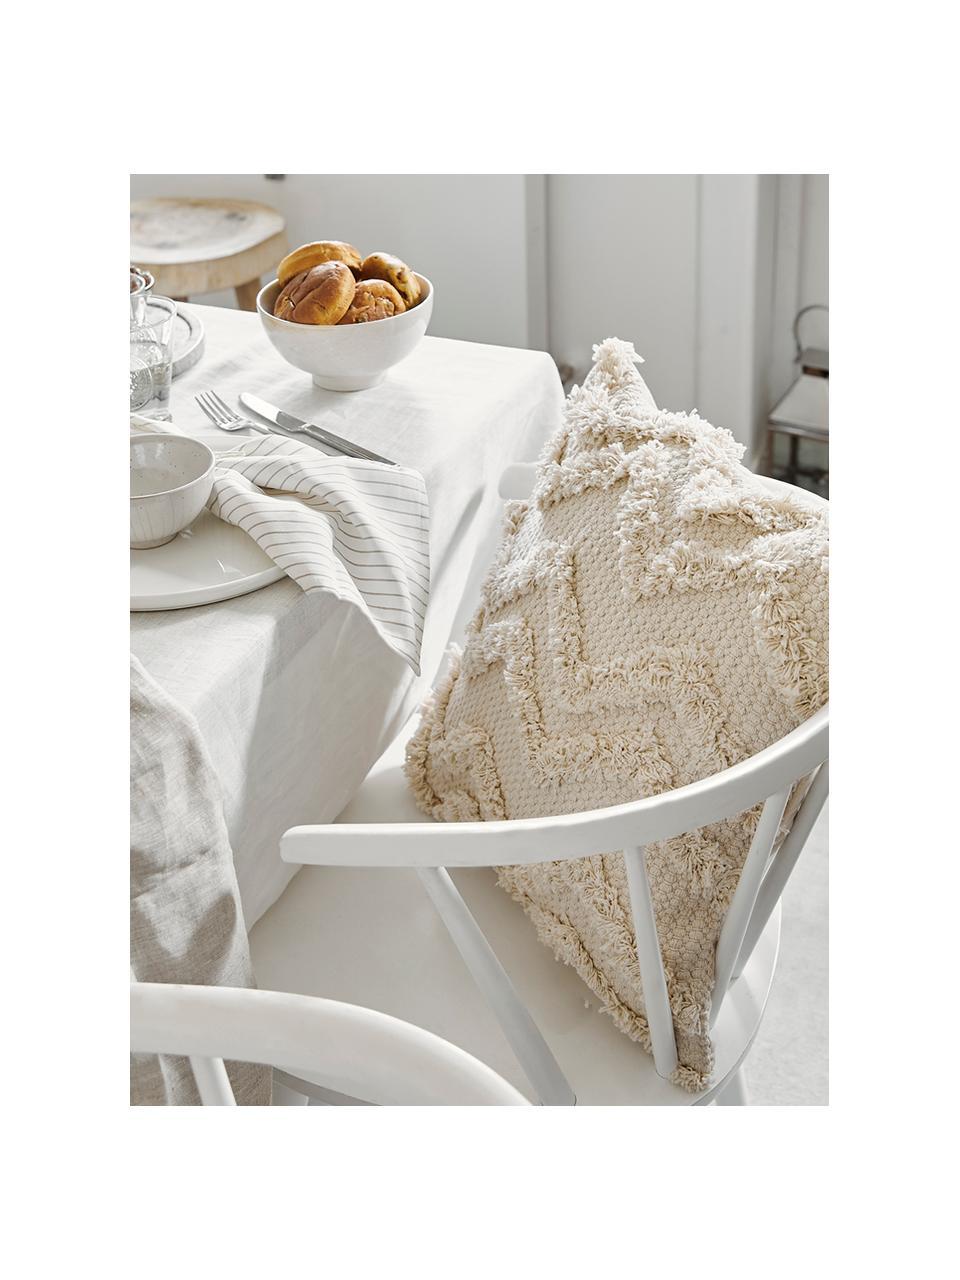 Poszewka na poduszkę w stylu boho z tuftowanym wzorem Akesha, 100% bawełna, Ecru, S 45 x D 45 cm